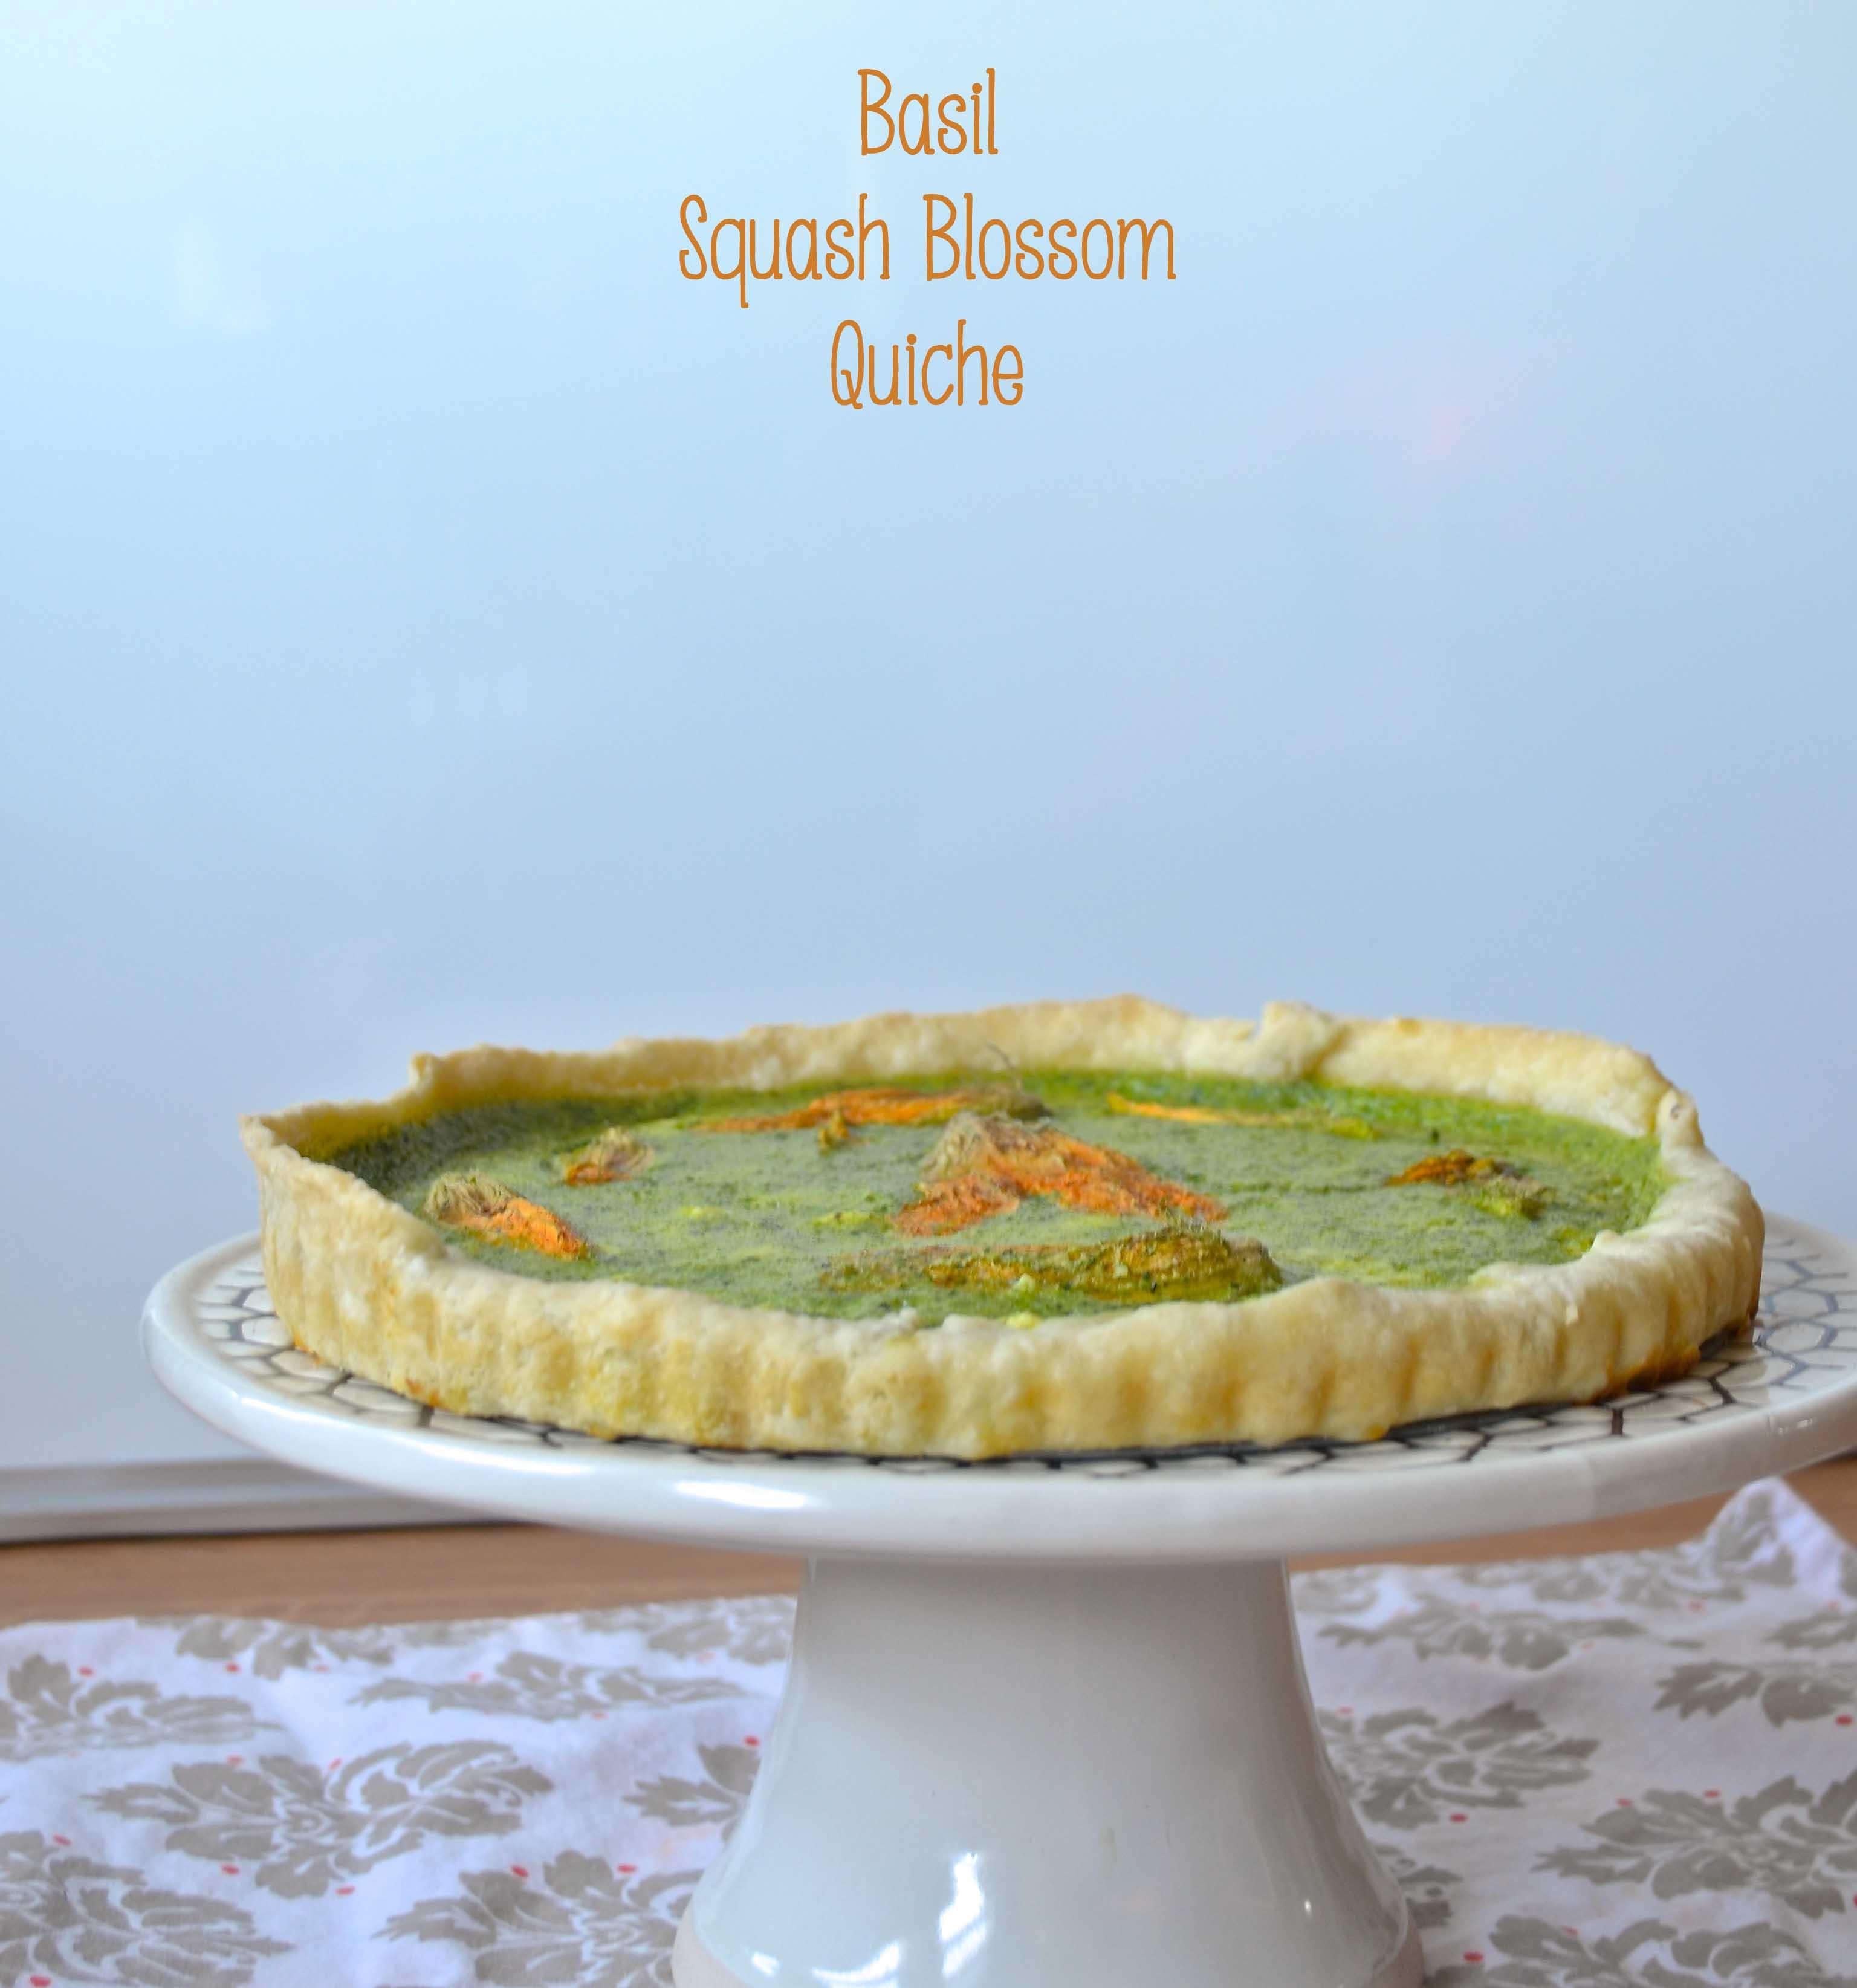 Squash Blossom Quiche With Feta & Basil Recipes — Dishmaps